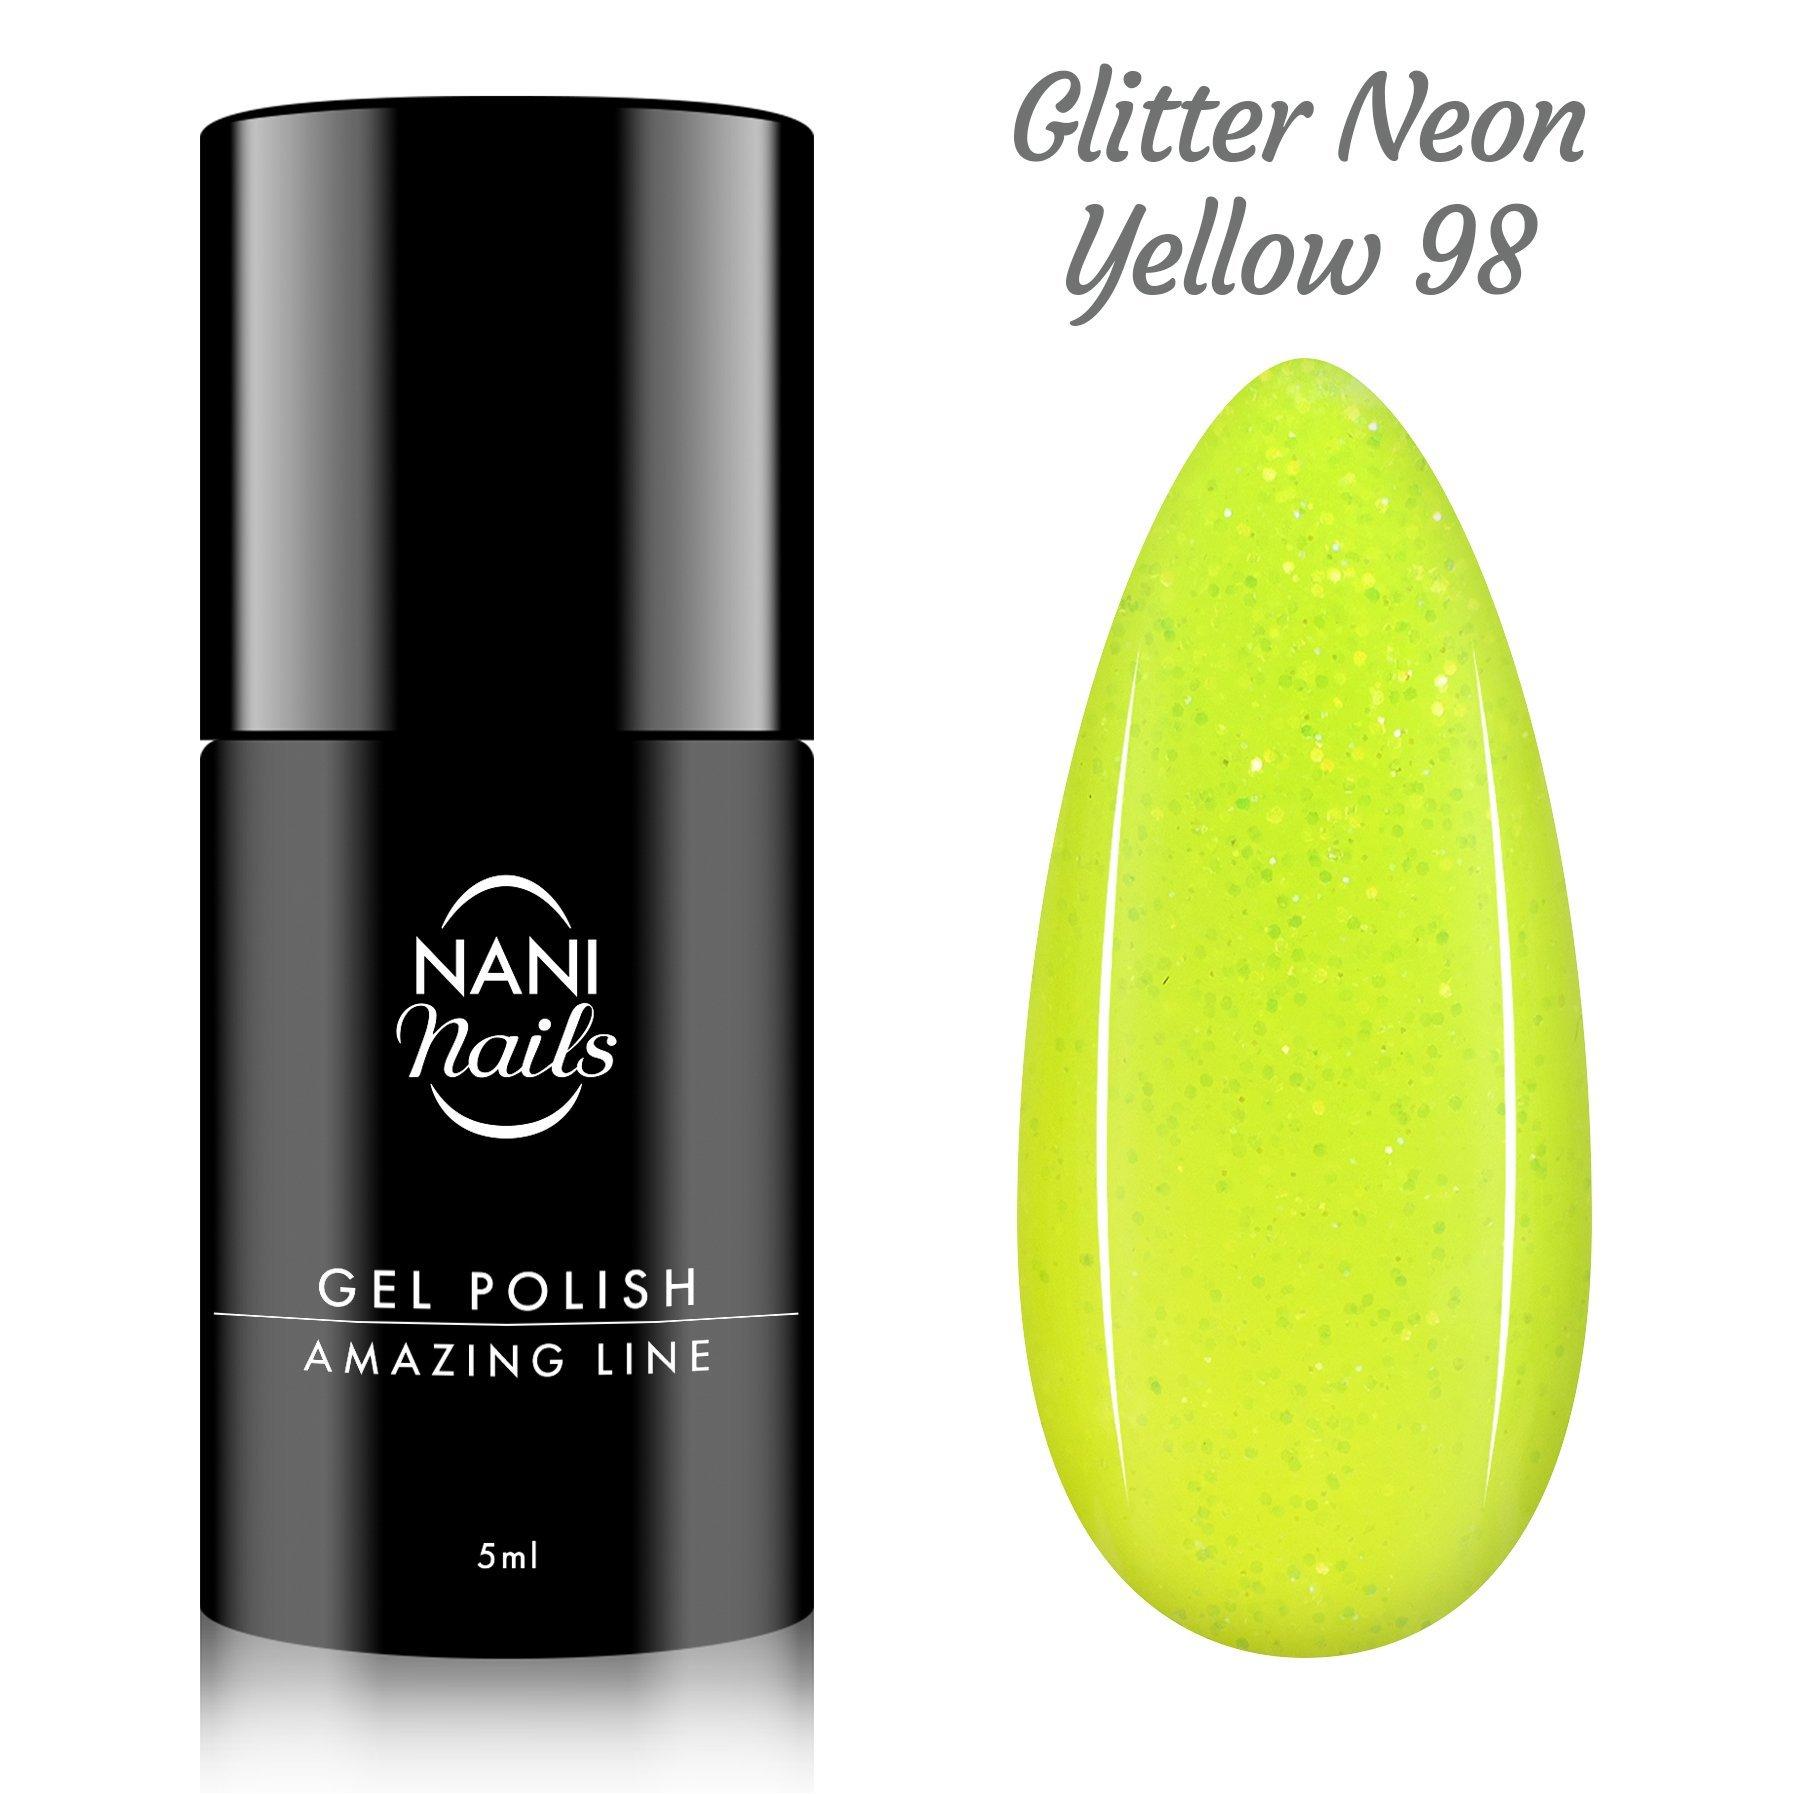 NANI gél lak Amazing Line 5 ml - Glitter Neon Yellow